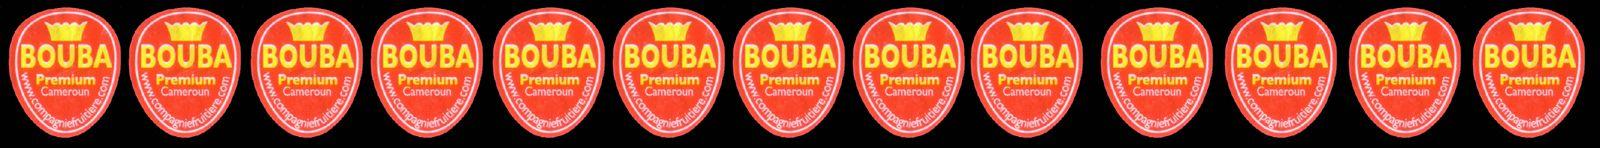 Etiquette_BOUBA